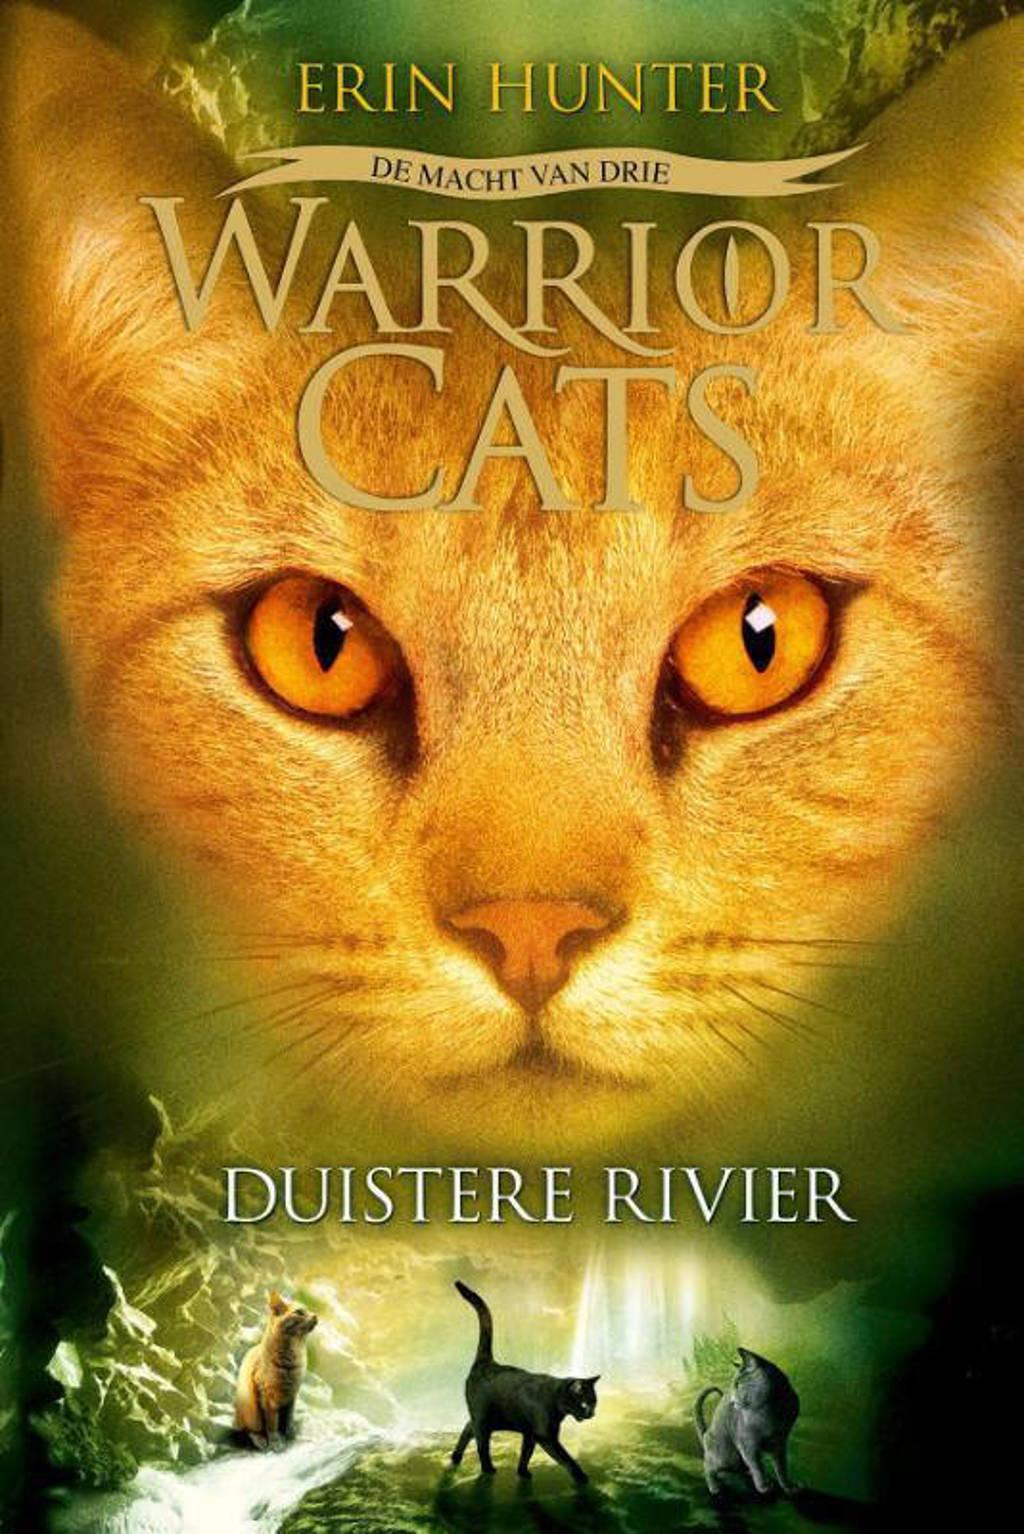 Warrior Cats - De Macht van drie: Duistere rivier - Erin Hunter